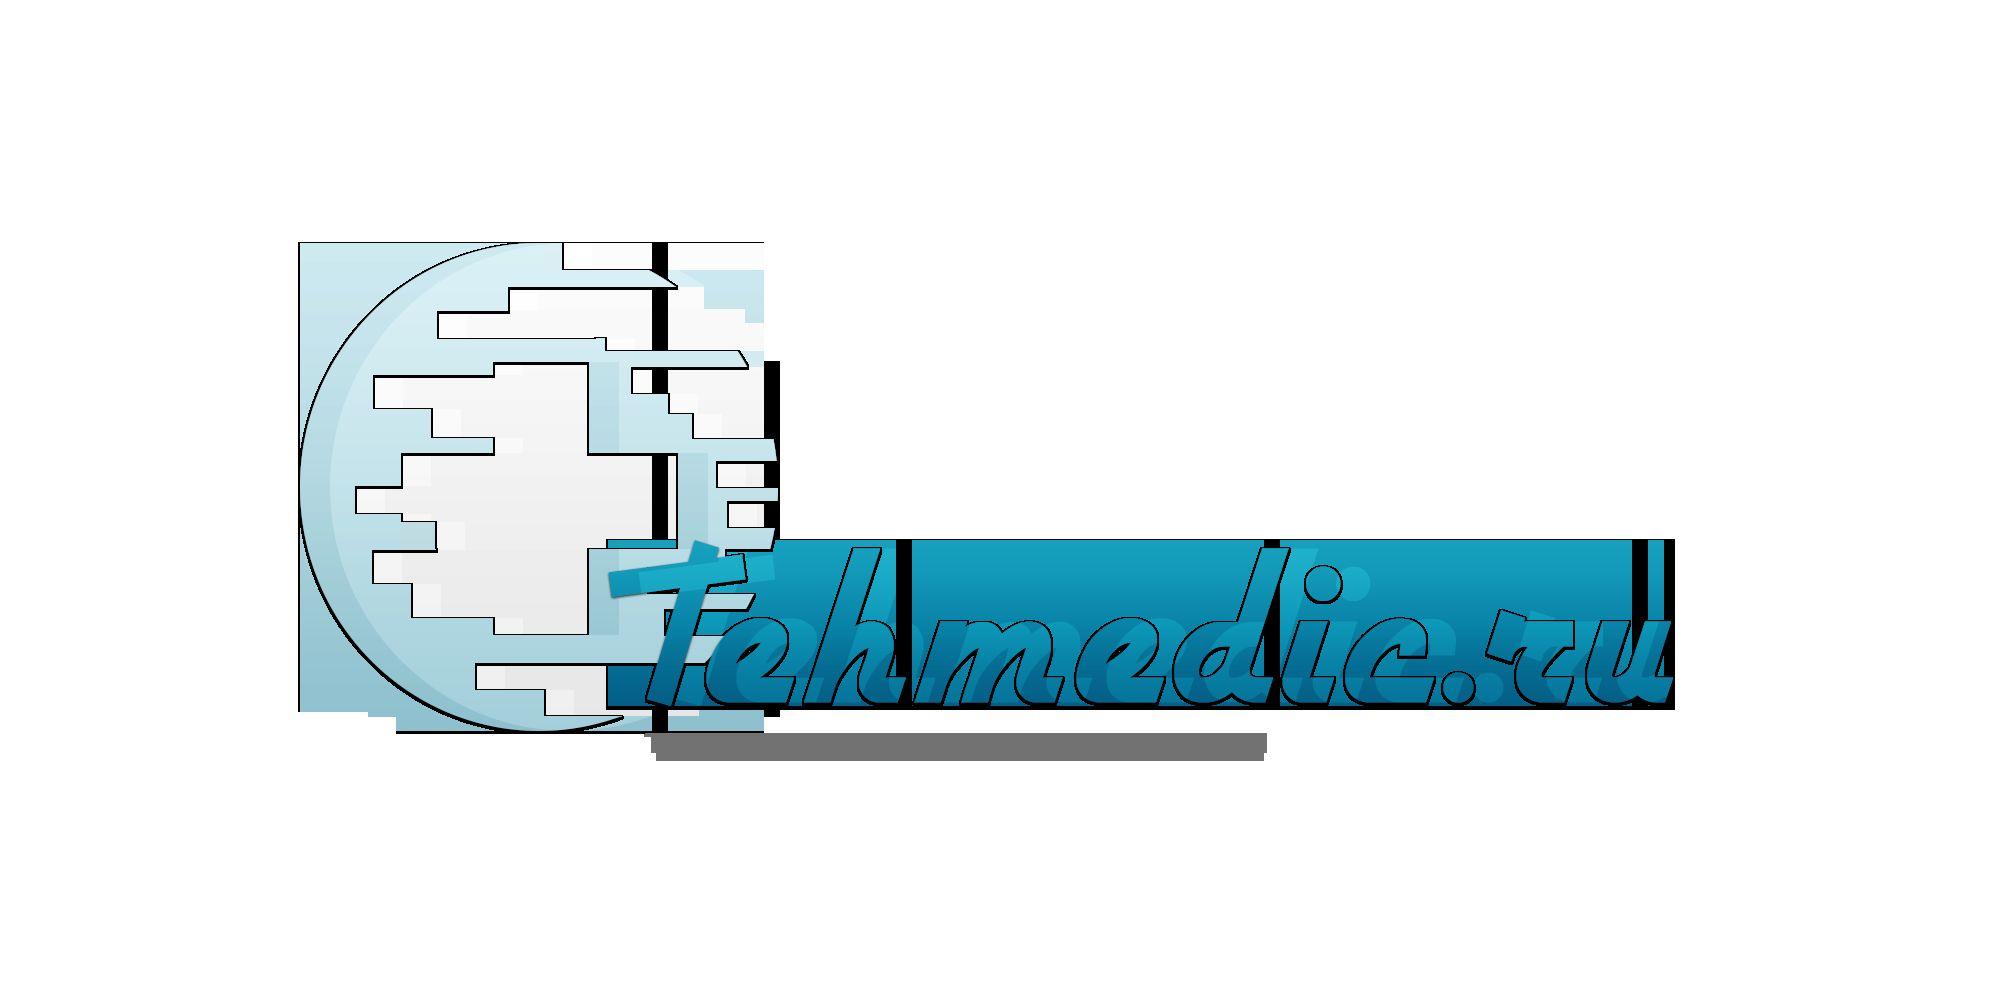 Логотип для интернет-магазина медтехники - дизайнер BoB